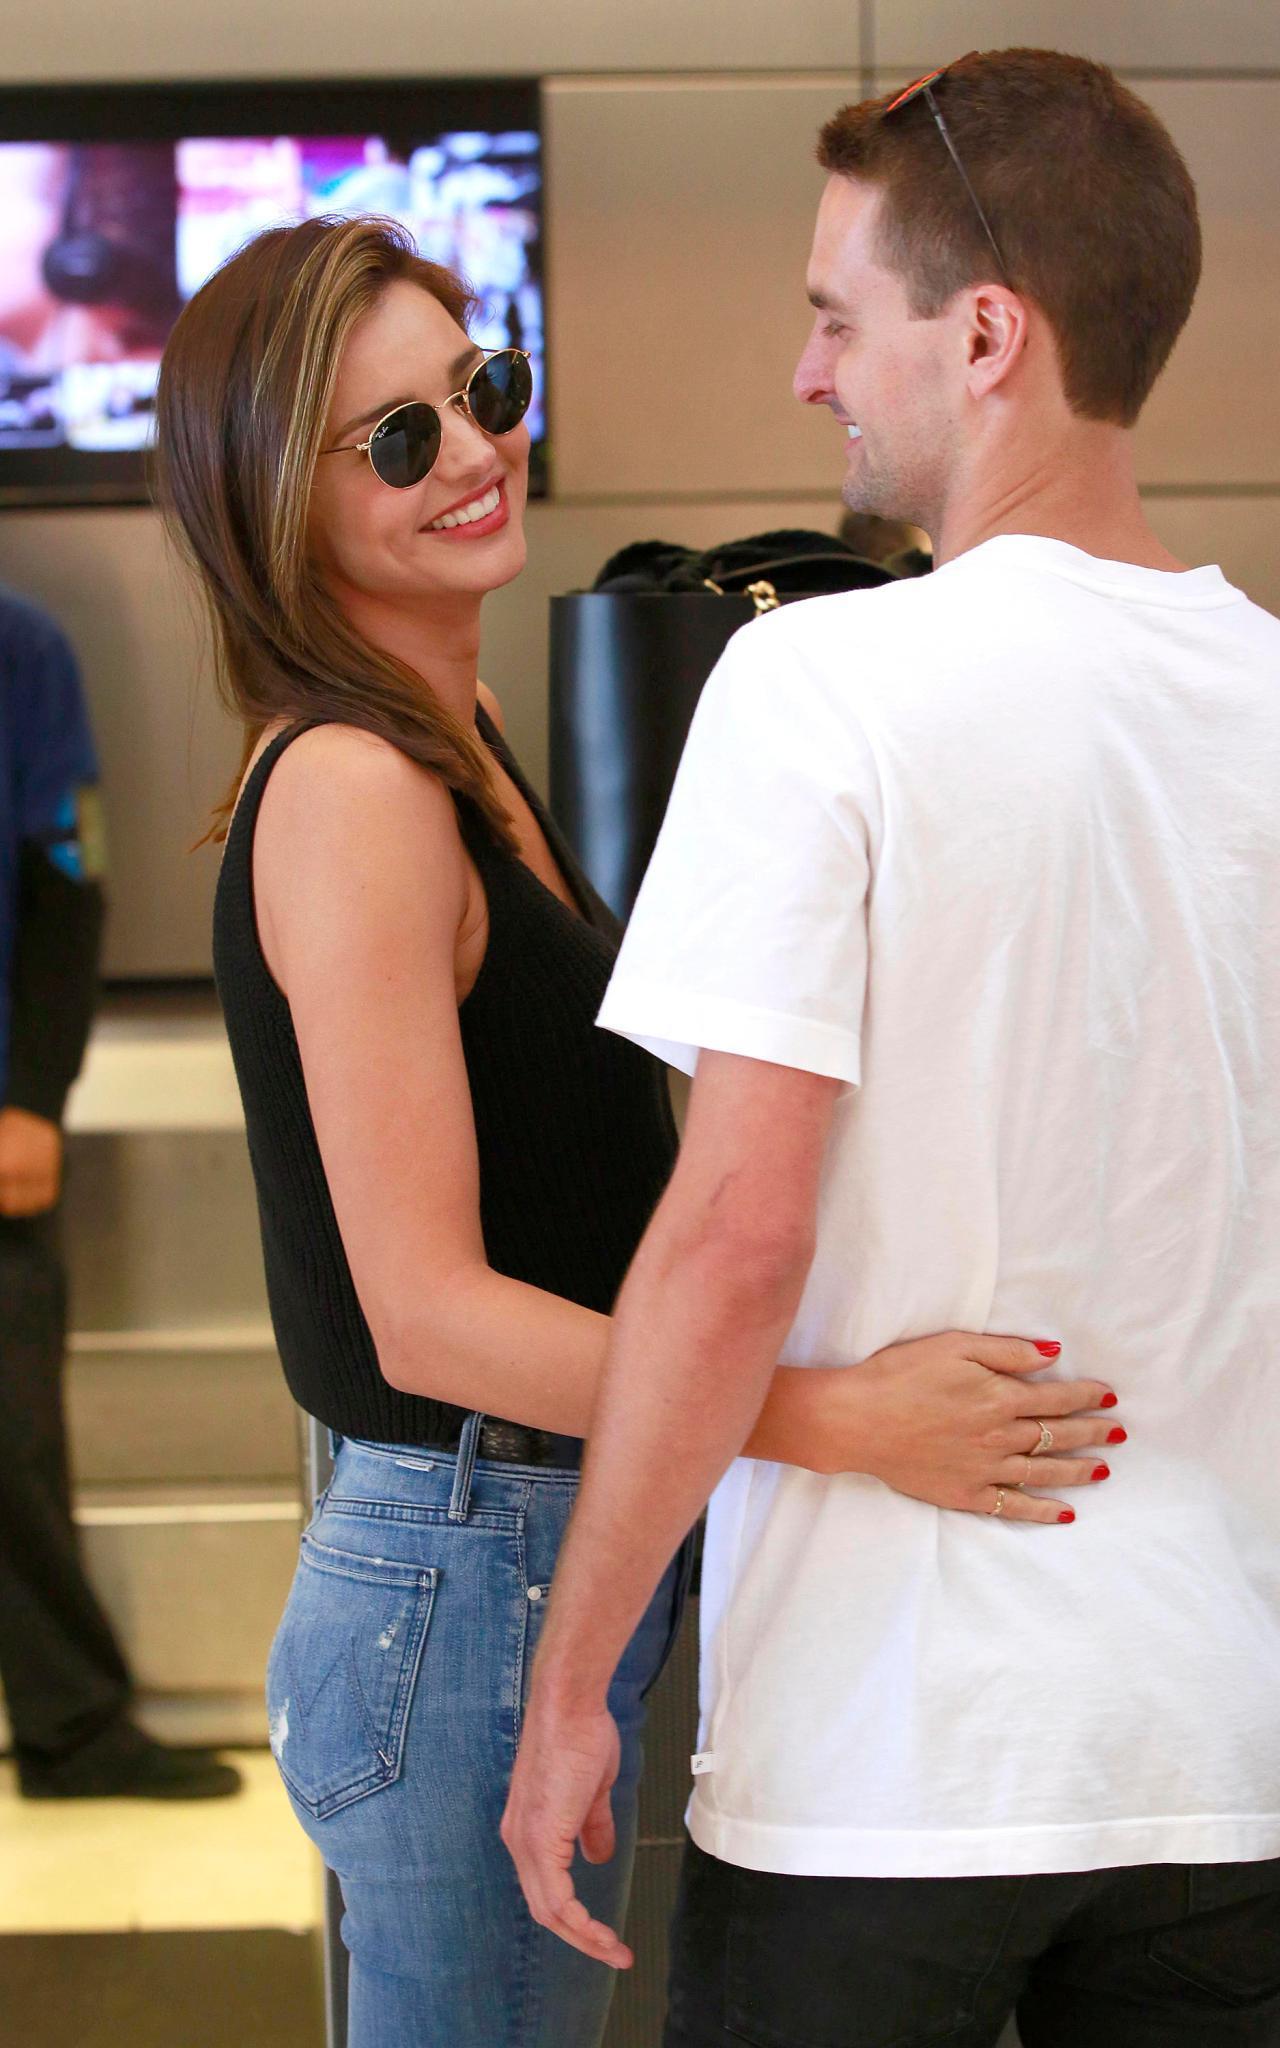 """Miranda Kerr hatte ebenfalls eine kurze Liaison mit James Packer. Offenbar hat er in ihr ein neues Beuteschema ausgelöst: Inzwischen datet das ehemalige """"Victoria's Secret""""-Model den """"Snapchat""""-Gründer Evan Spiegel. Bei dem Titel """"jüngster Milliardär Amerikas"""" stört auch der Altersunterschied von sieben Jahren nicht mehr."""